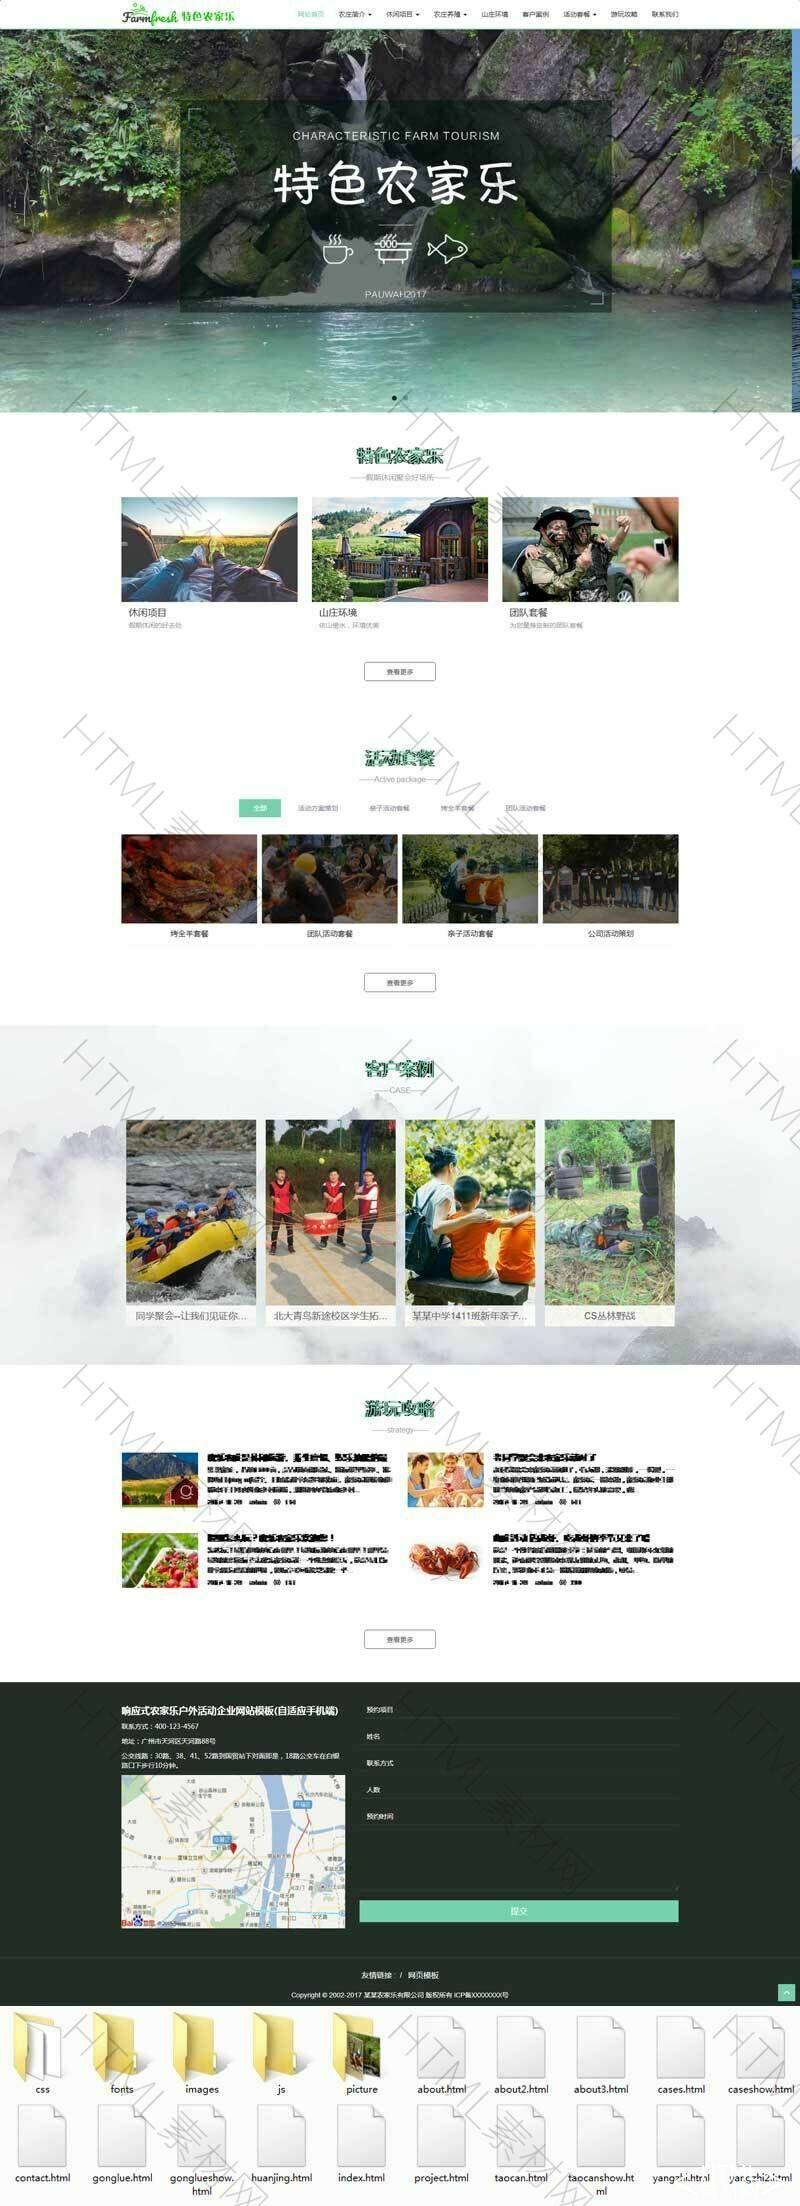 绿色宽屏的农庄旅游休闲网站模板.jpg